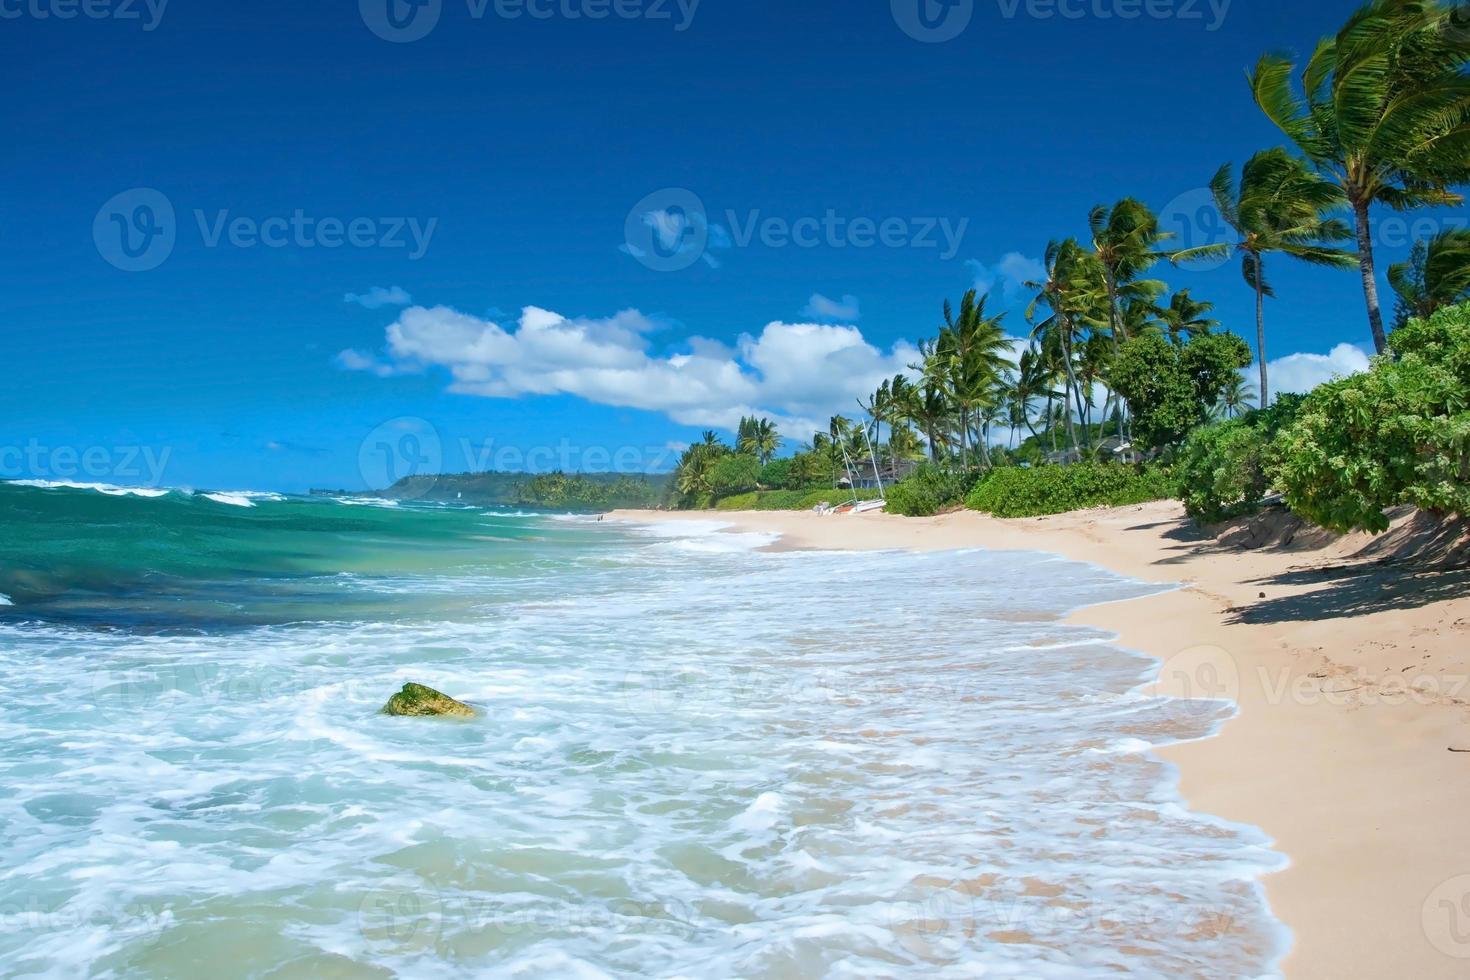 Playa de arena virgen con palmeras y océano azul foto